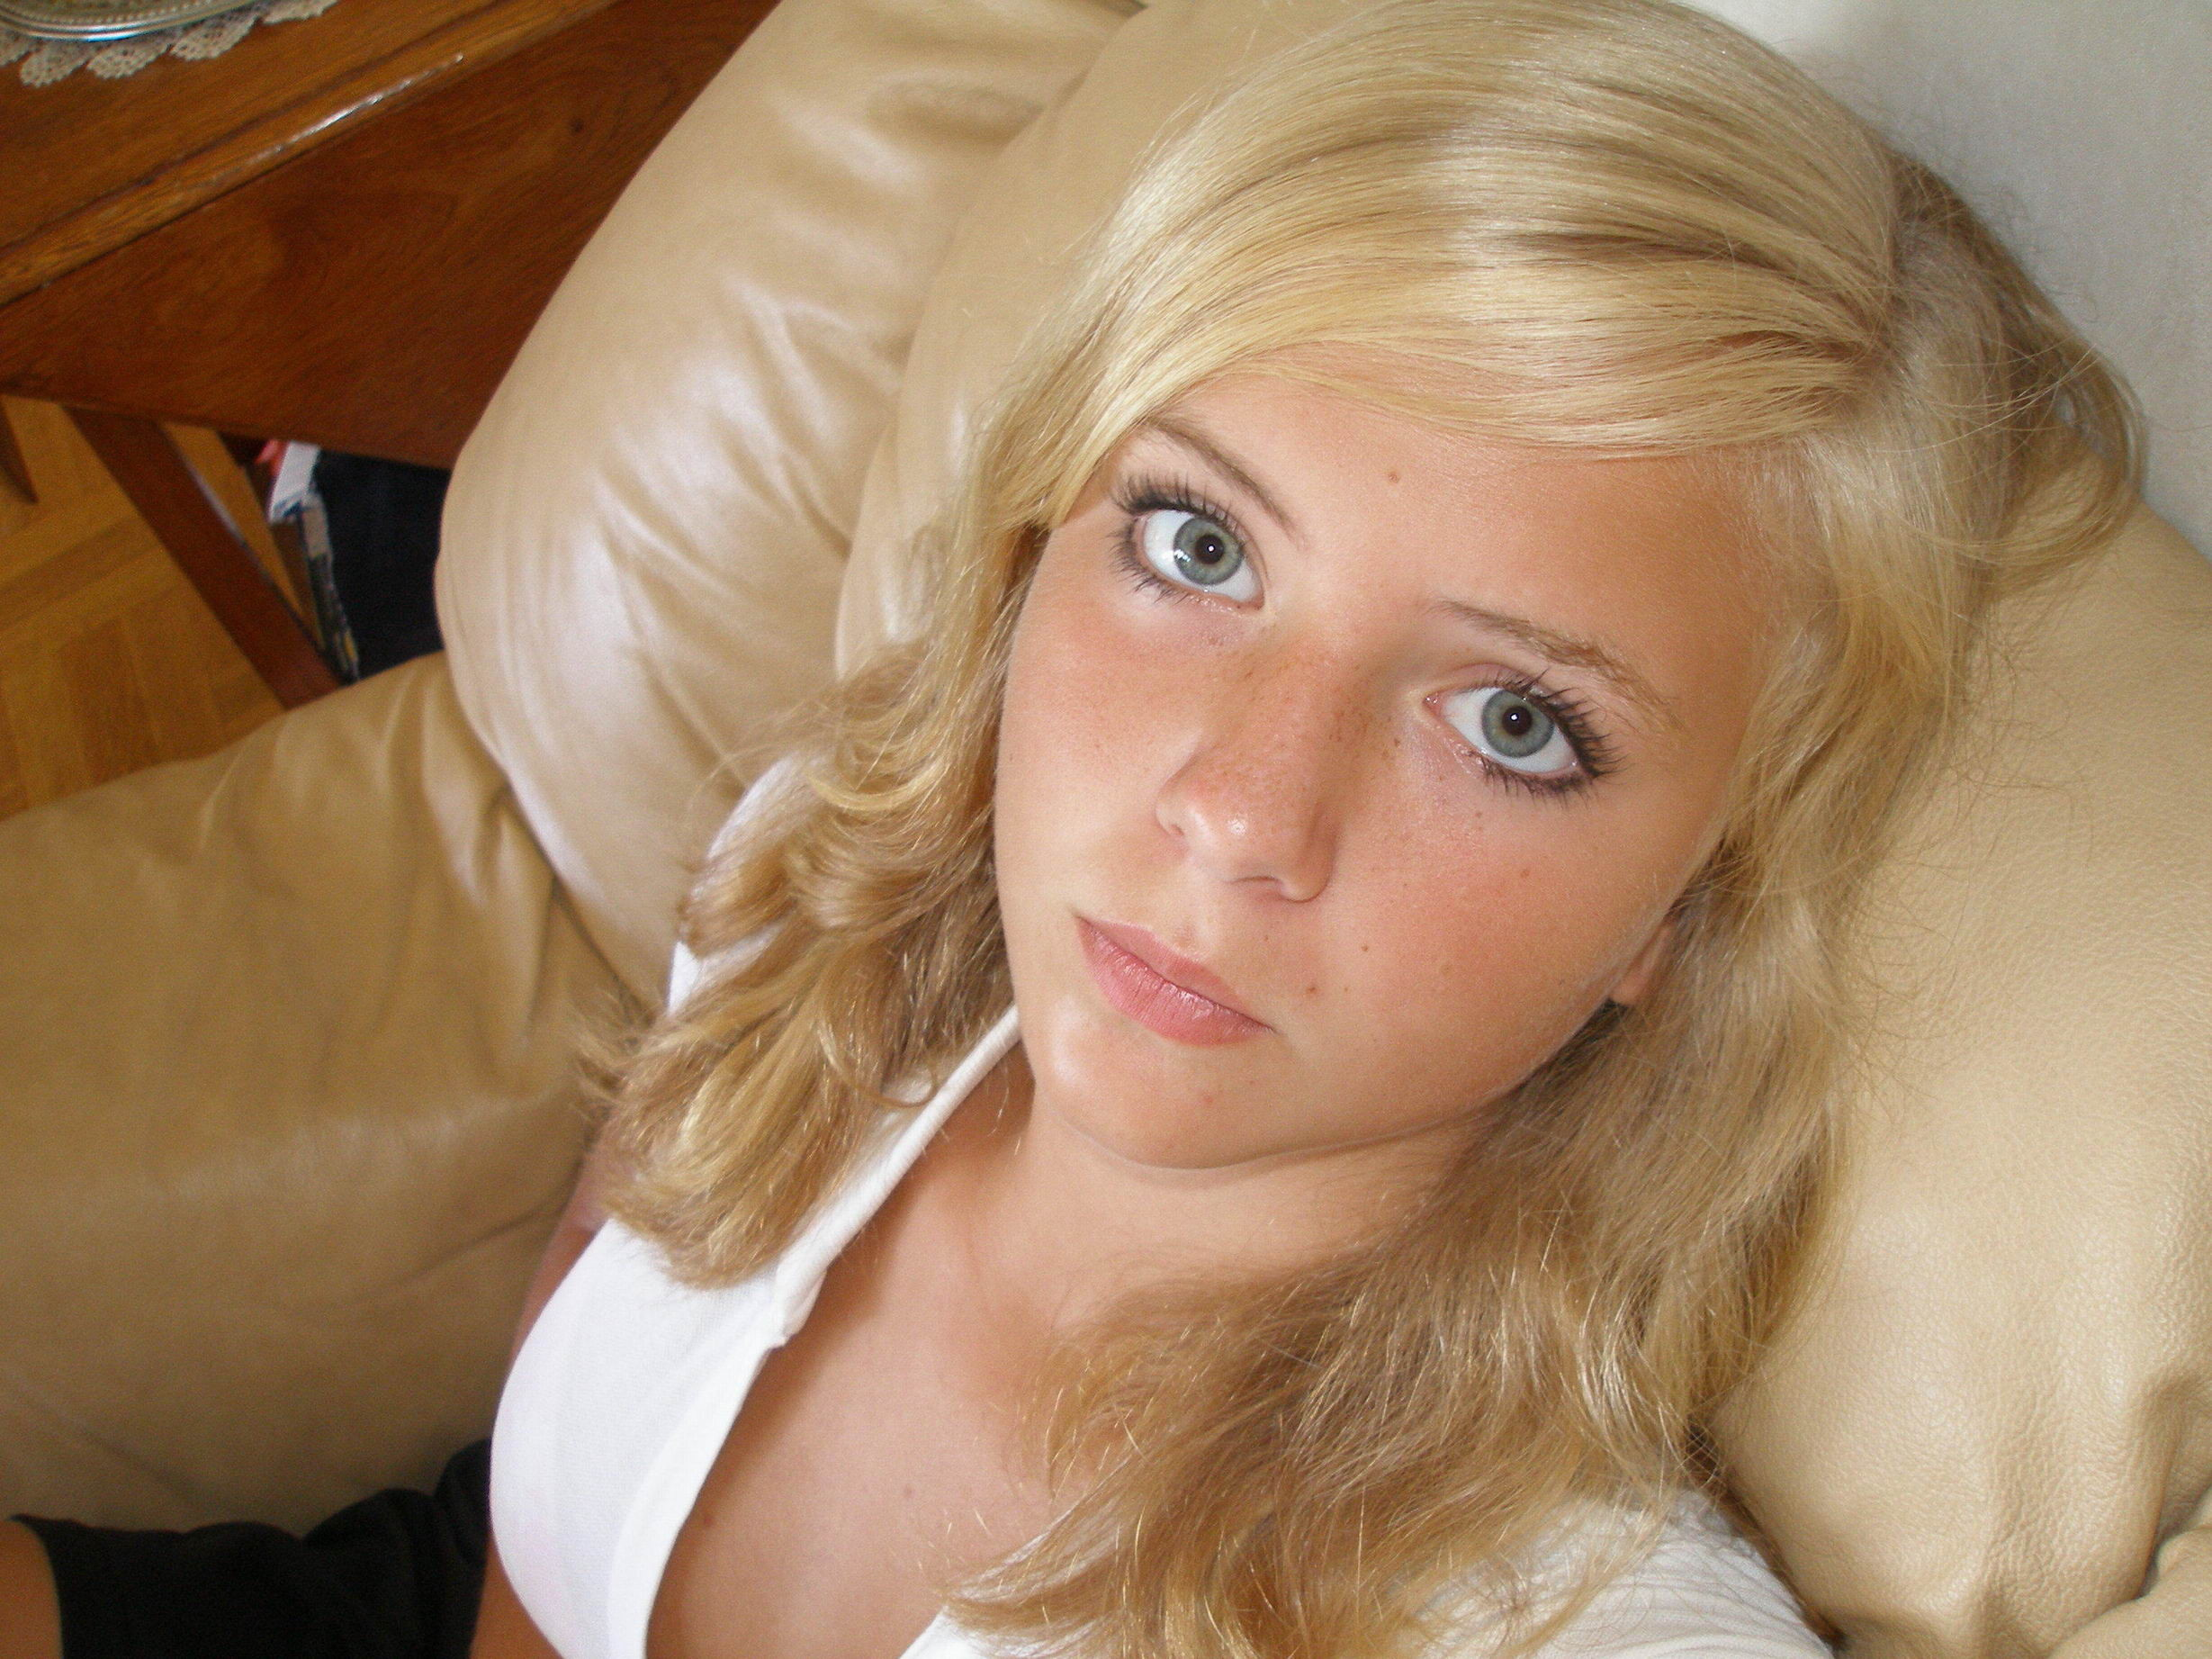 малых количествах фото член в блондинке сиськи душе порно